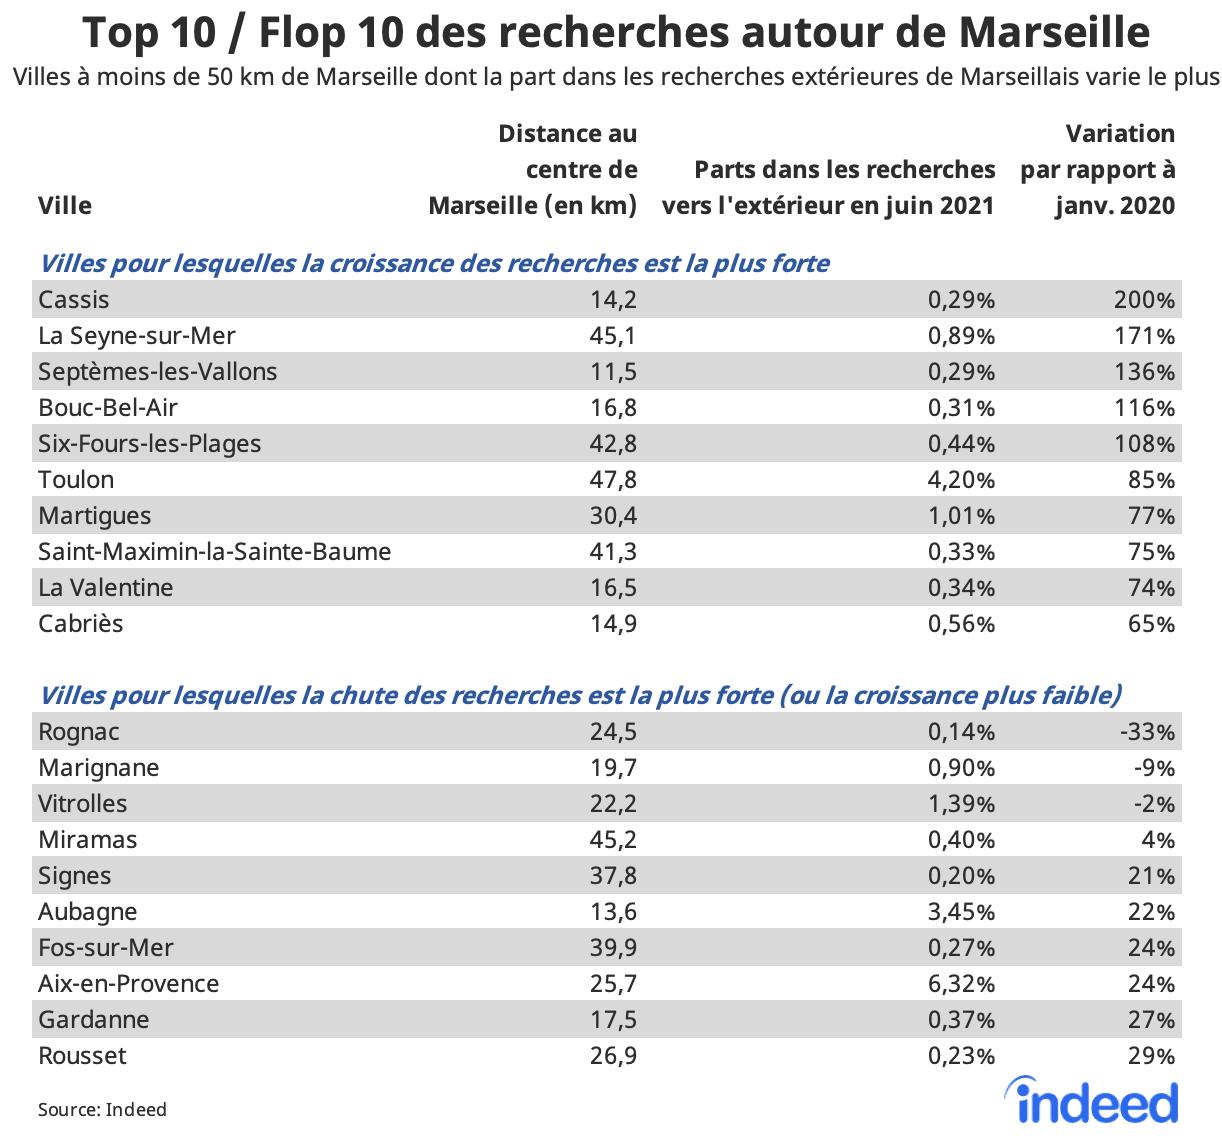 Le tableau figure les villes à moins de 50 km de Marseille qui ont connu la plus forte croissance dans les recherches de Marseillais. Les colonnes affichent la distance des villes au centre de Marseille (en km), la part de la ville dans les recherches en dehors de Marseille en juin 2021 et la variation de cette part par rapport à janvier 2020, en %.